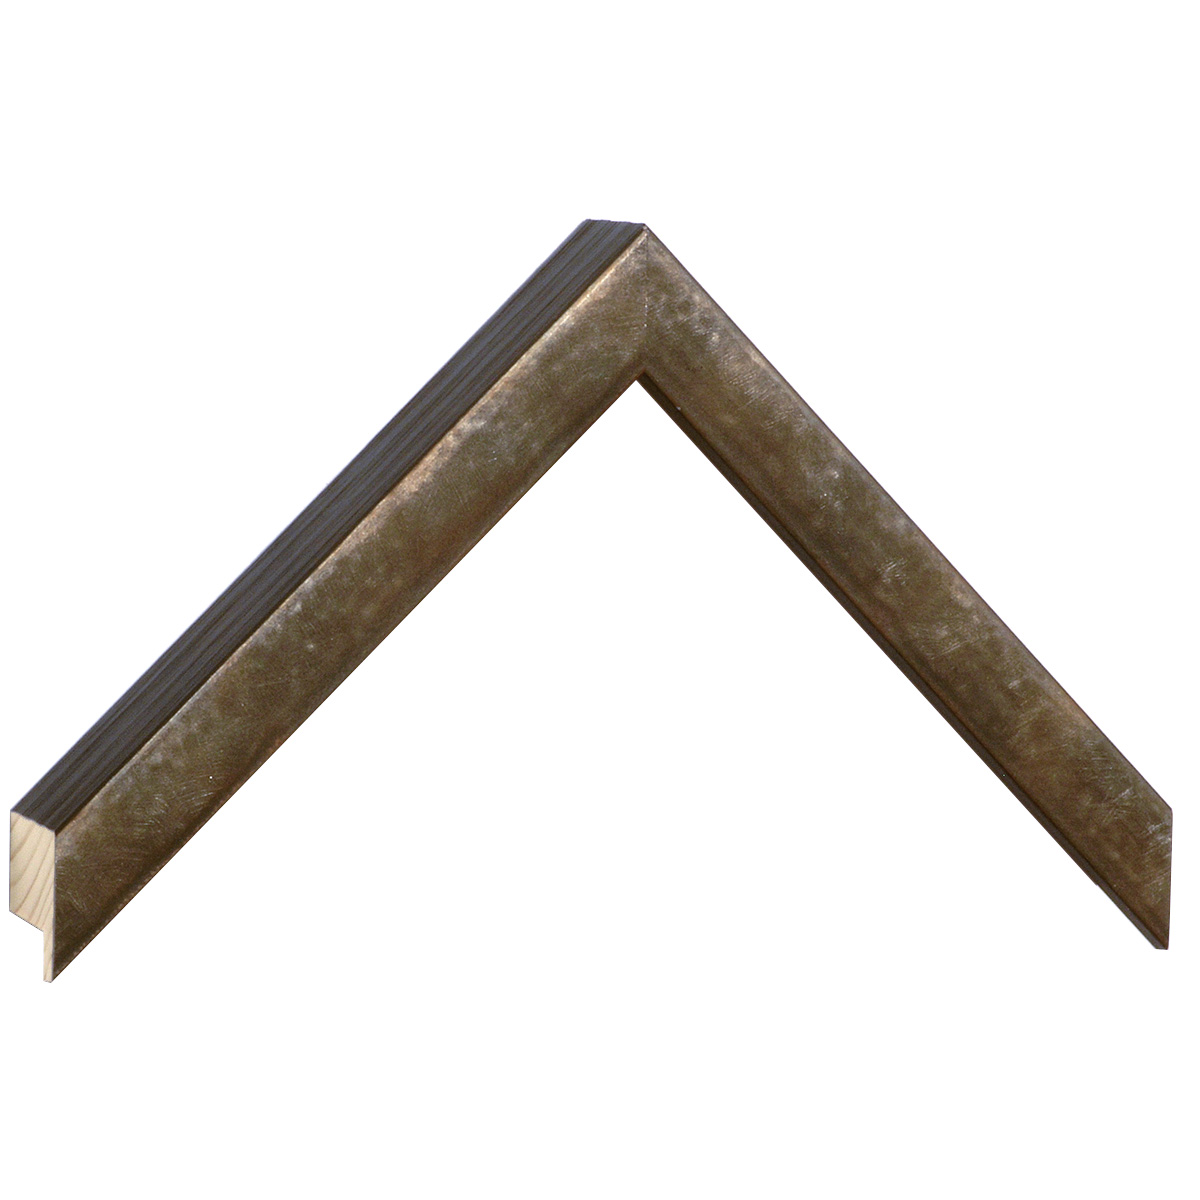 Moulding fir Width 19mm Height 34 - Rust finish